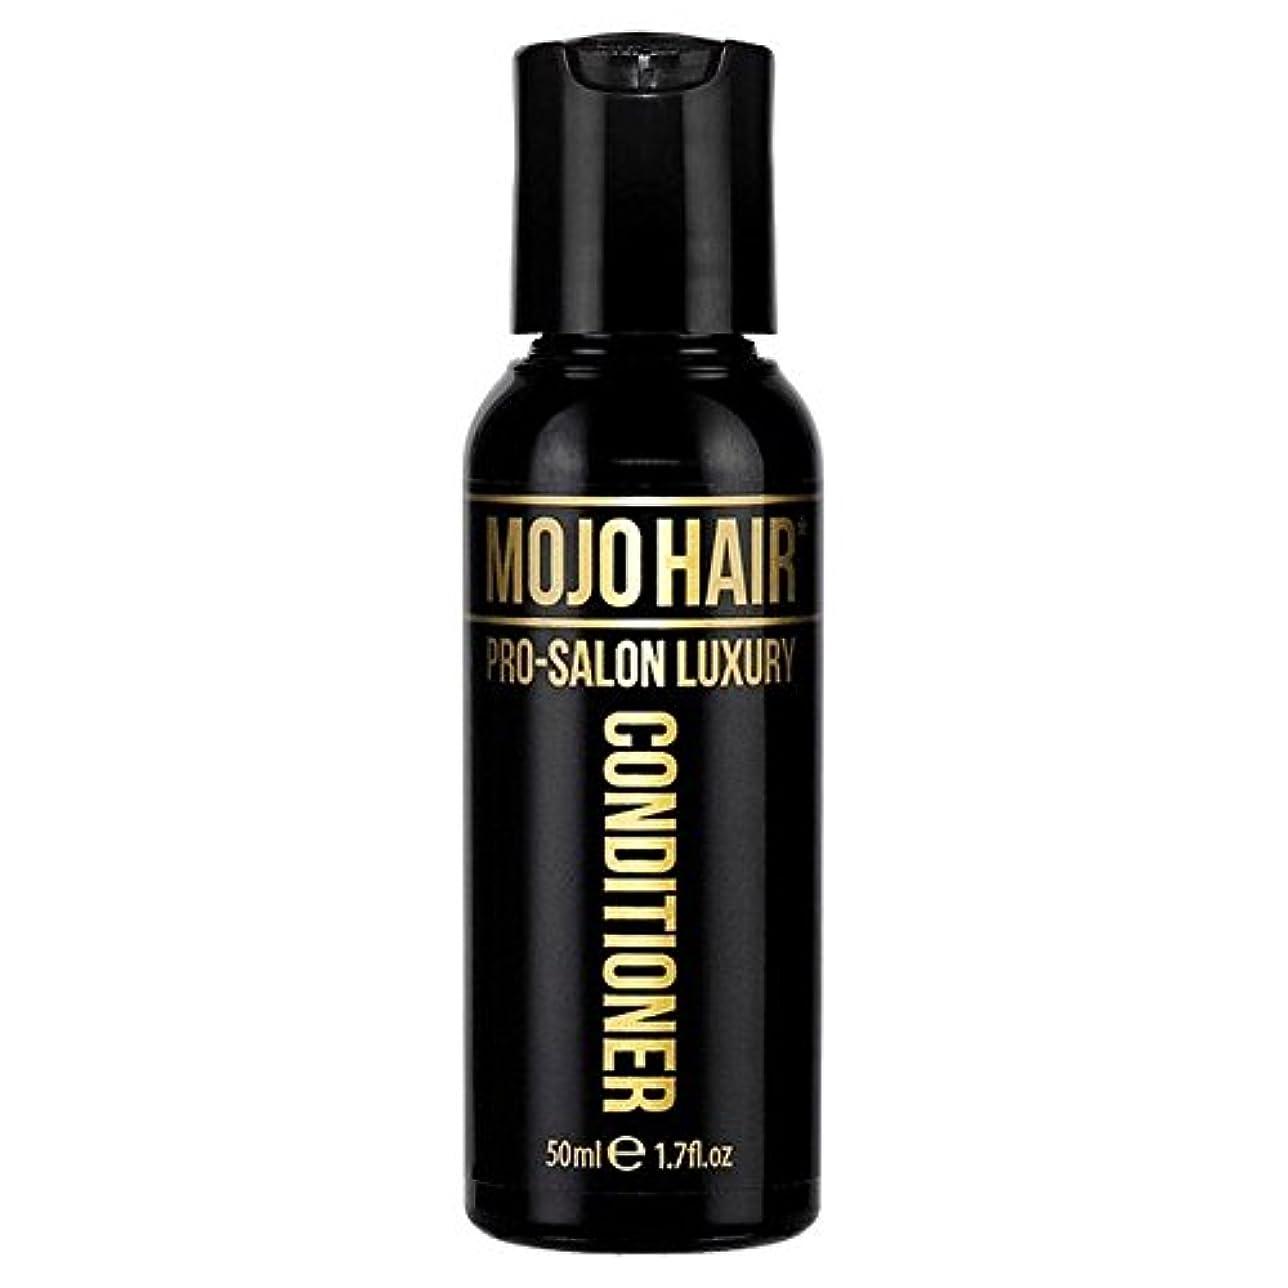 書道好奇心持つMOJO HAIR Pro-Salon Luxury Fragrance Conditioner for Men, Travel Size 50ml - 男性のためのモジョの毛プロのサロンの贅沢な香りコンディショナー、トラベルサイズ...